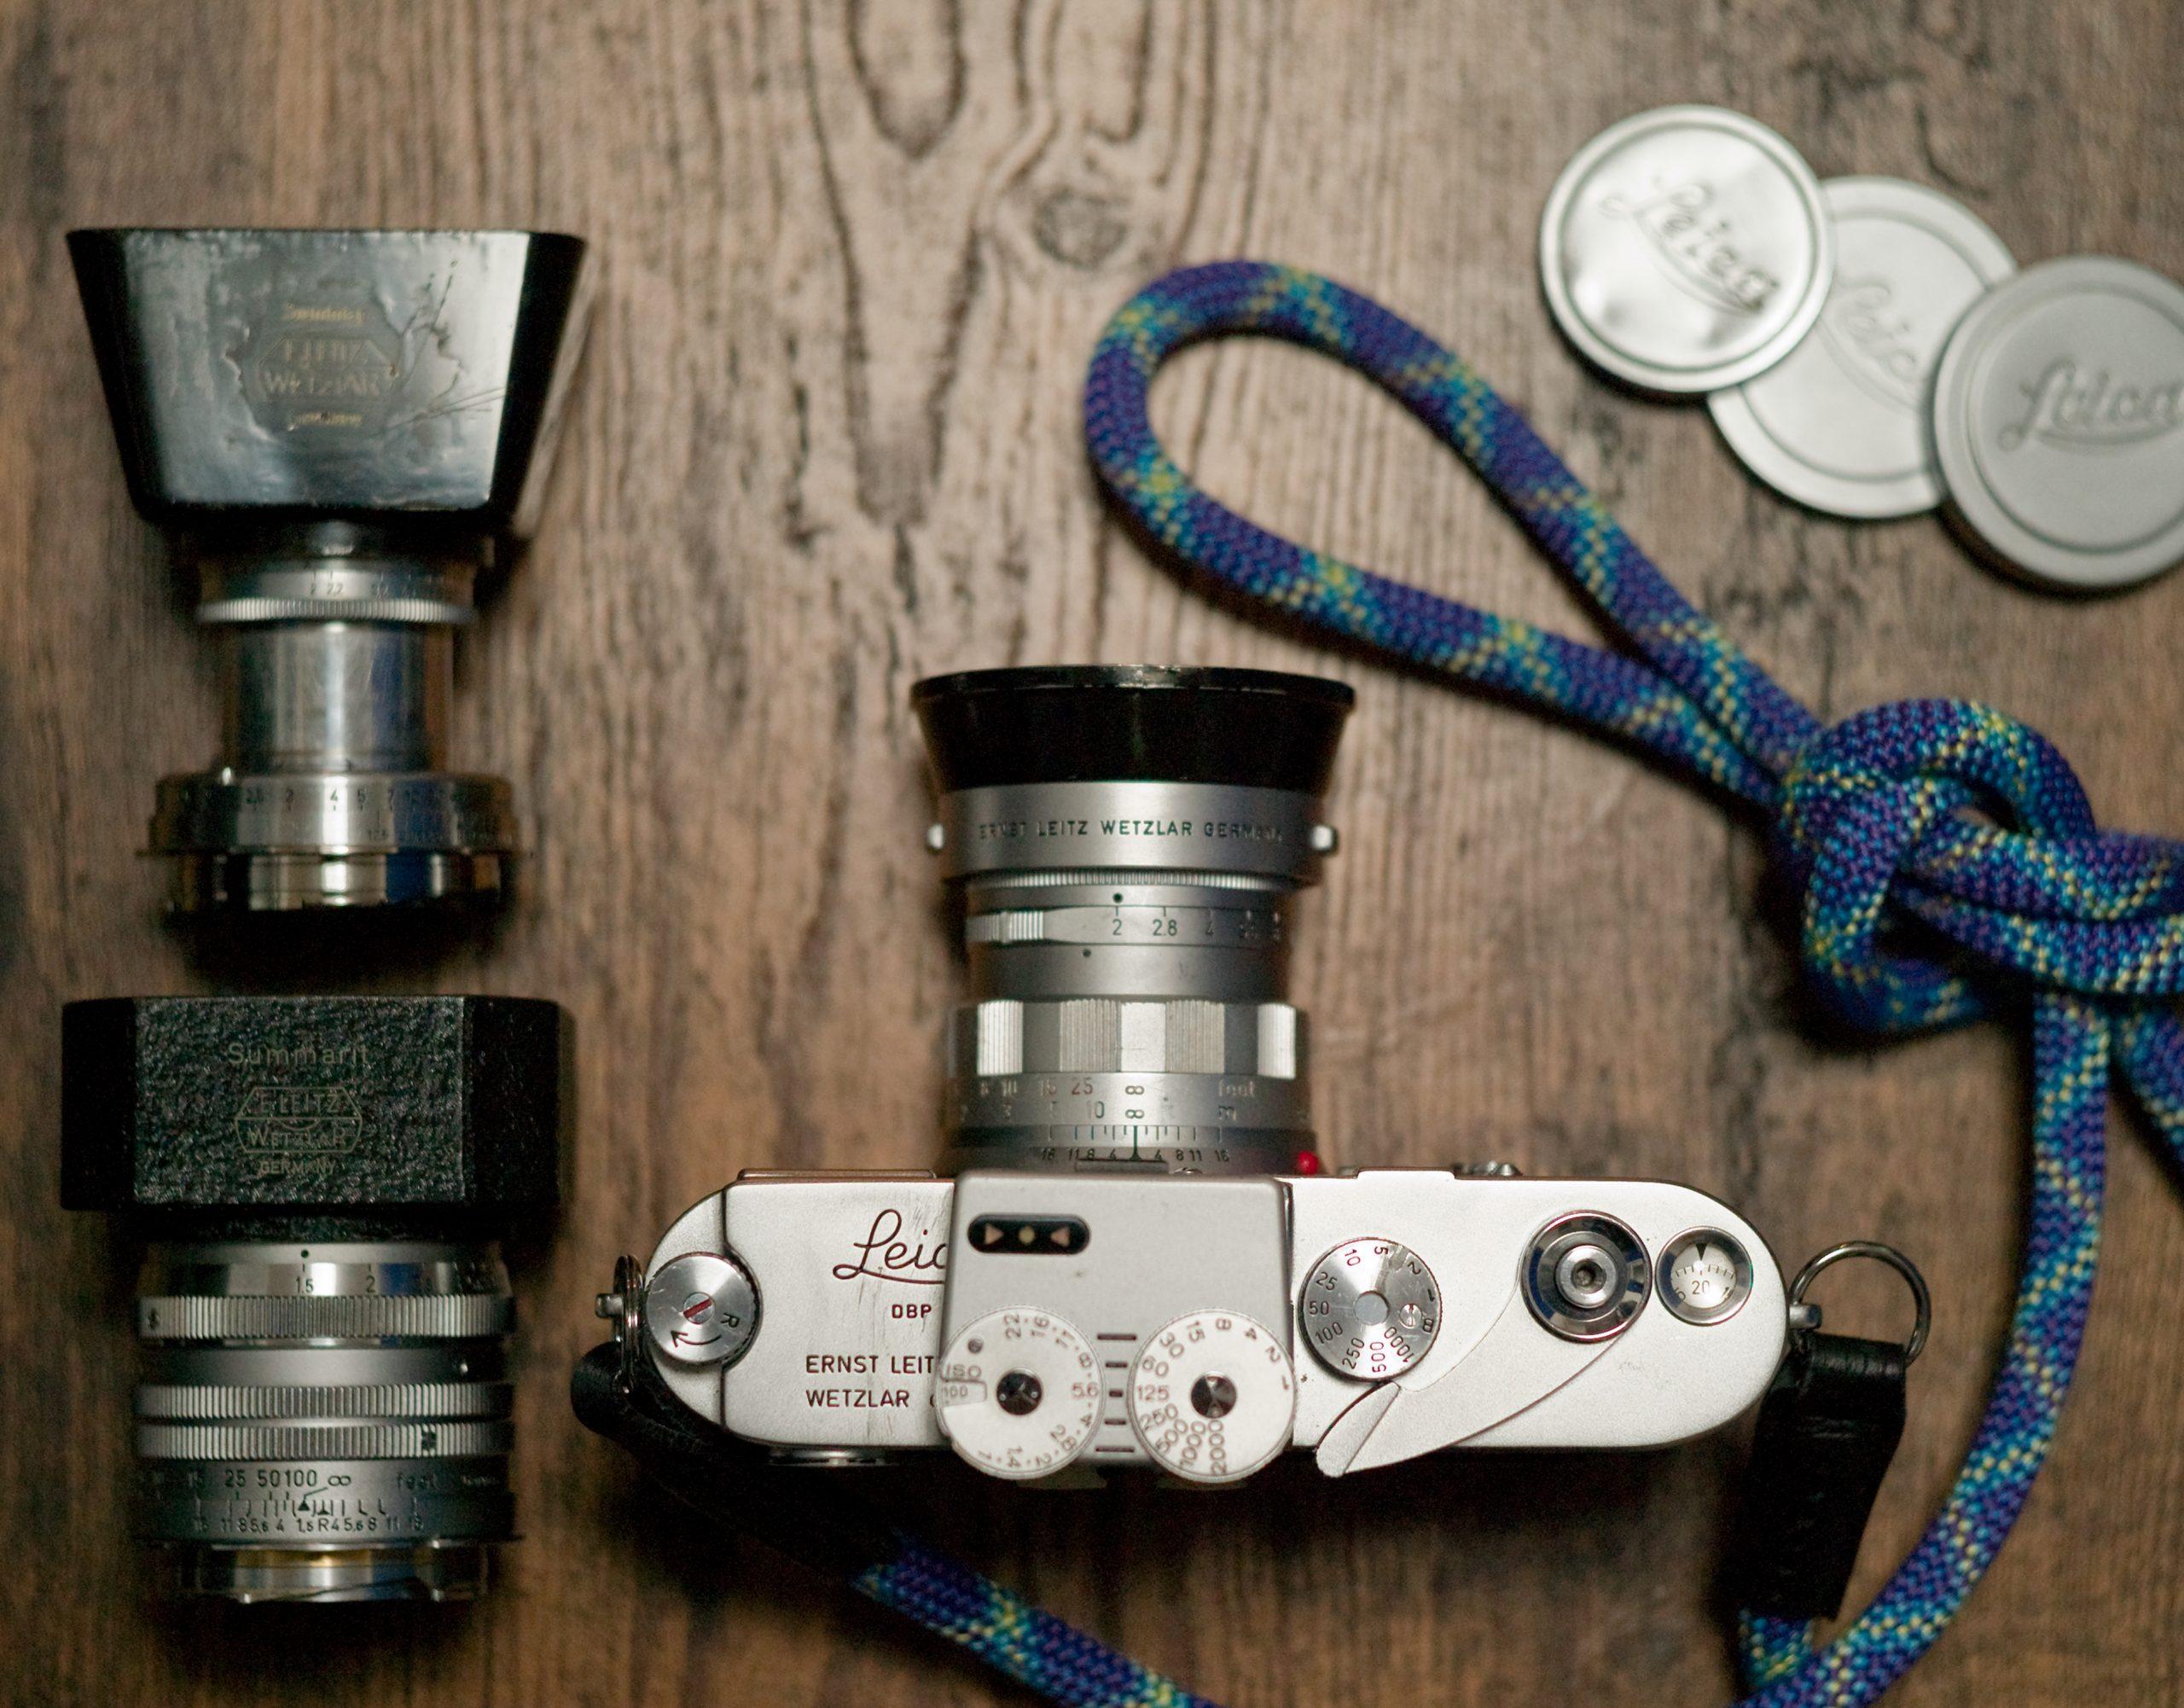 【自機一体】マップカメラスタッフこだわりの逸品 Vol.3